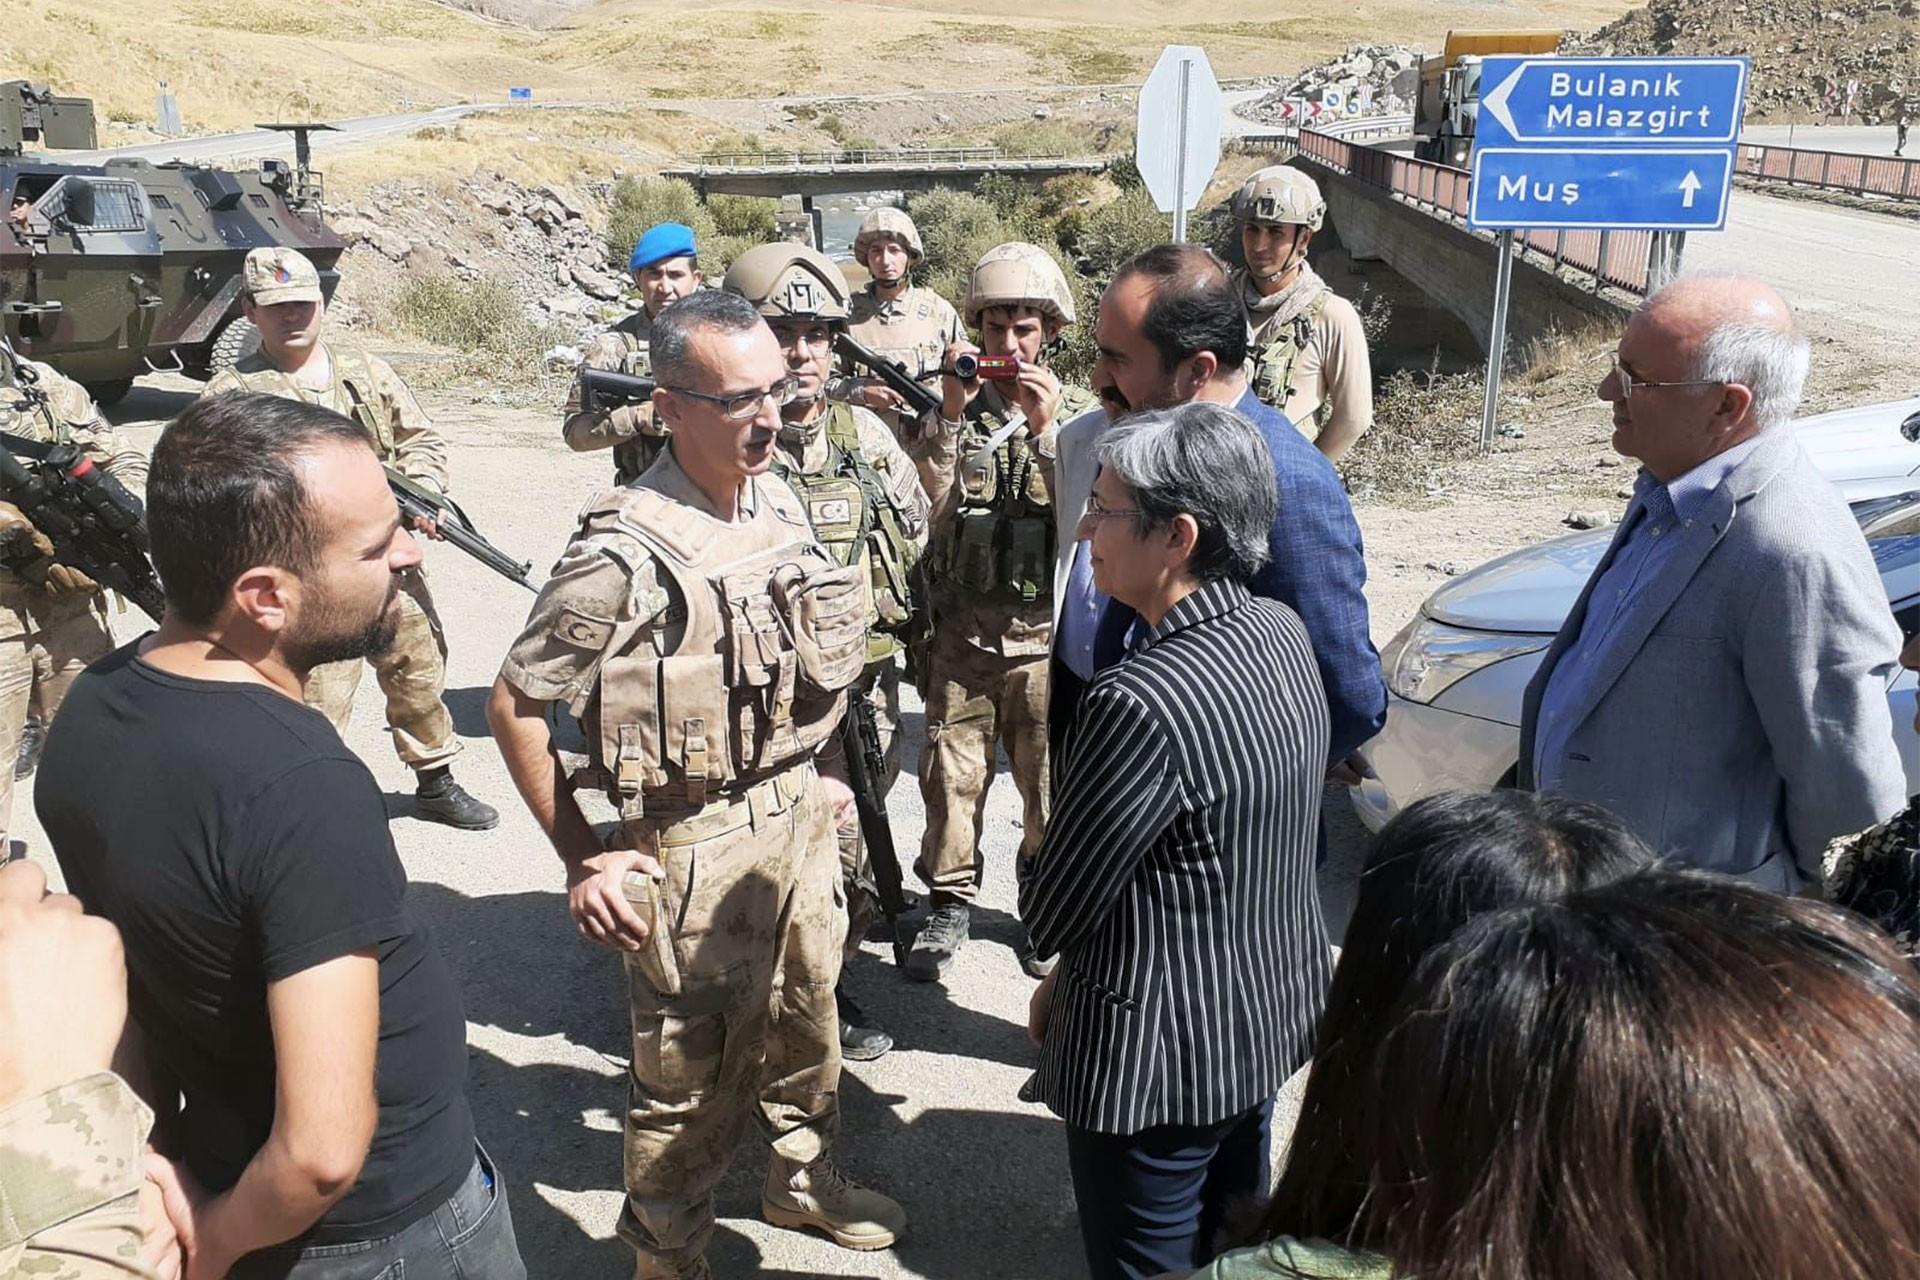 Kişiye özel 'güvenlik bölgesi': Leyla Güven'in köy ziyareti jandarmalarca engellendi